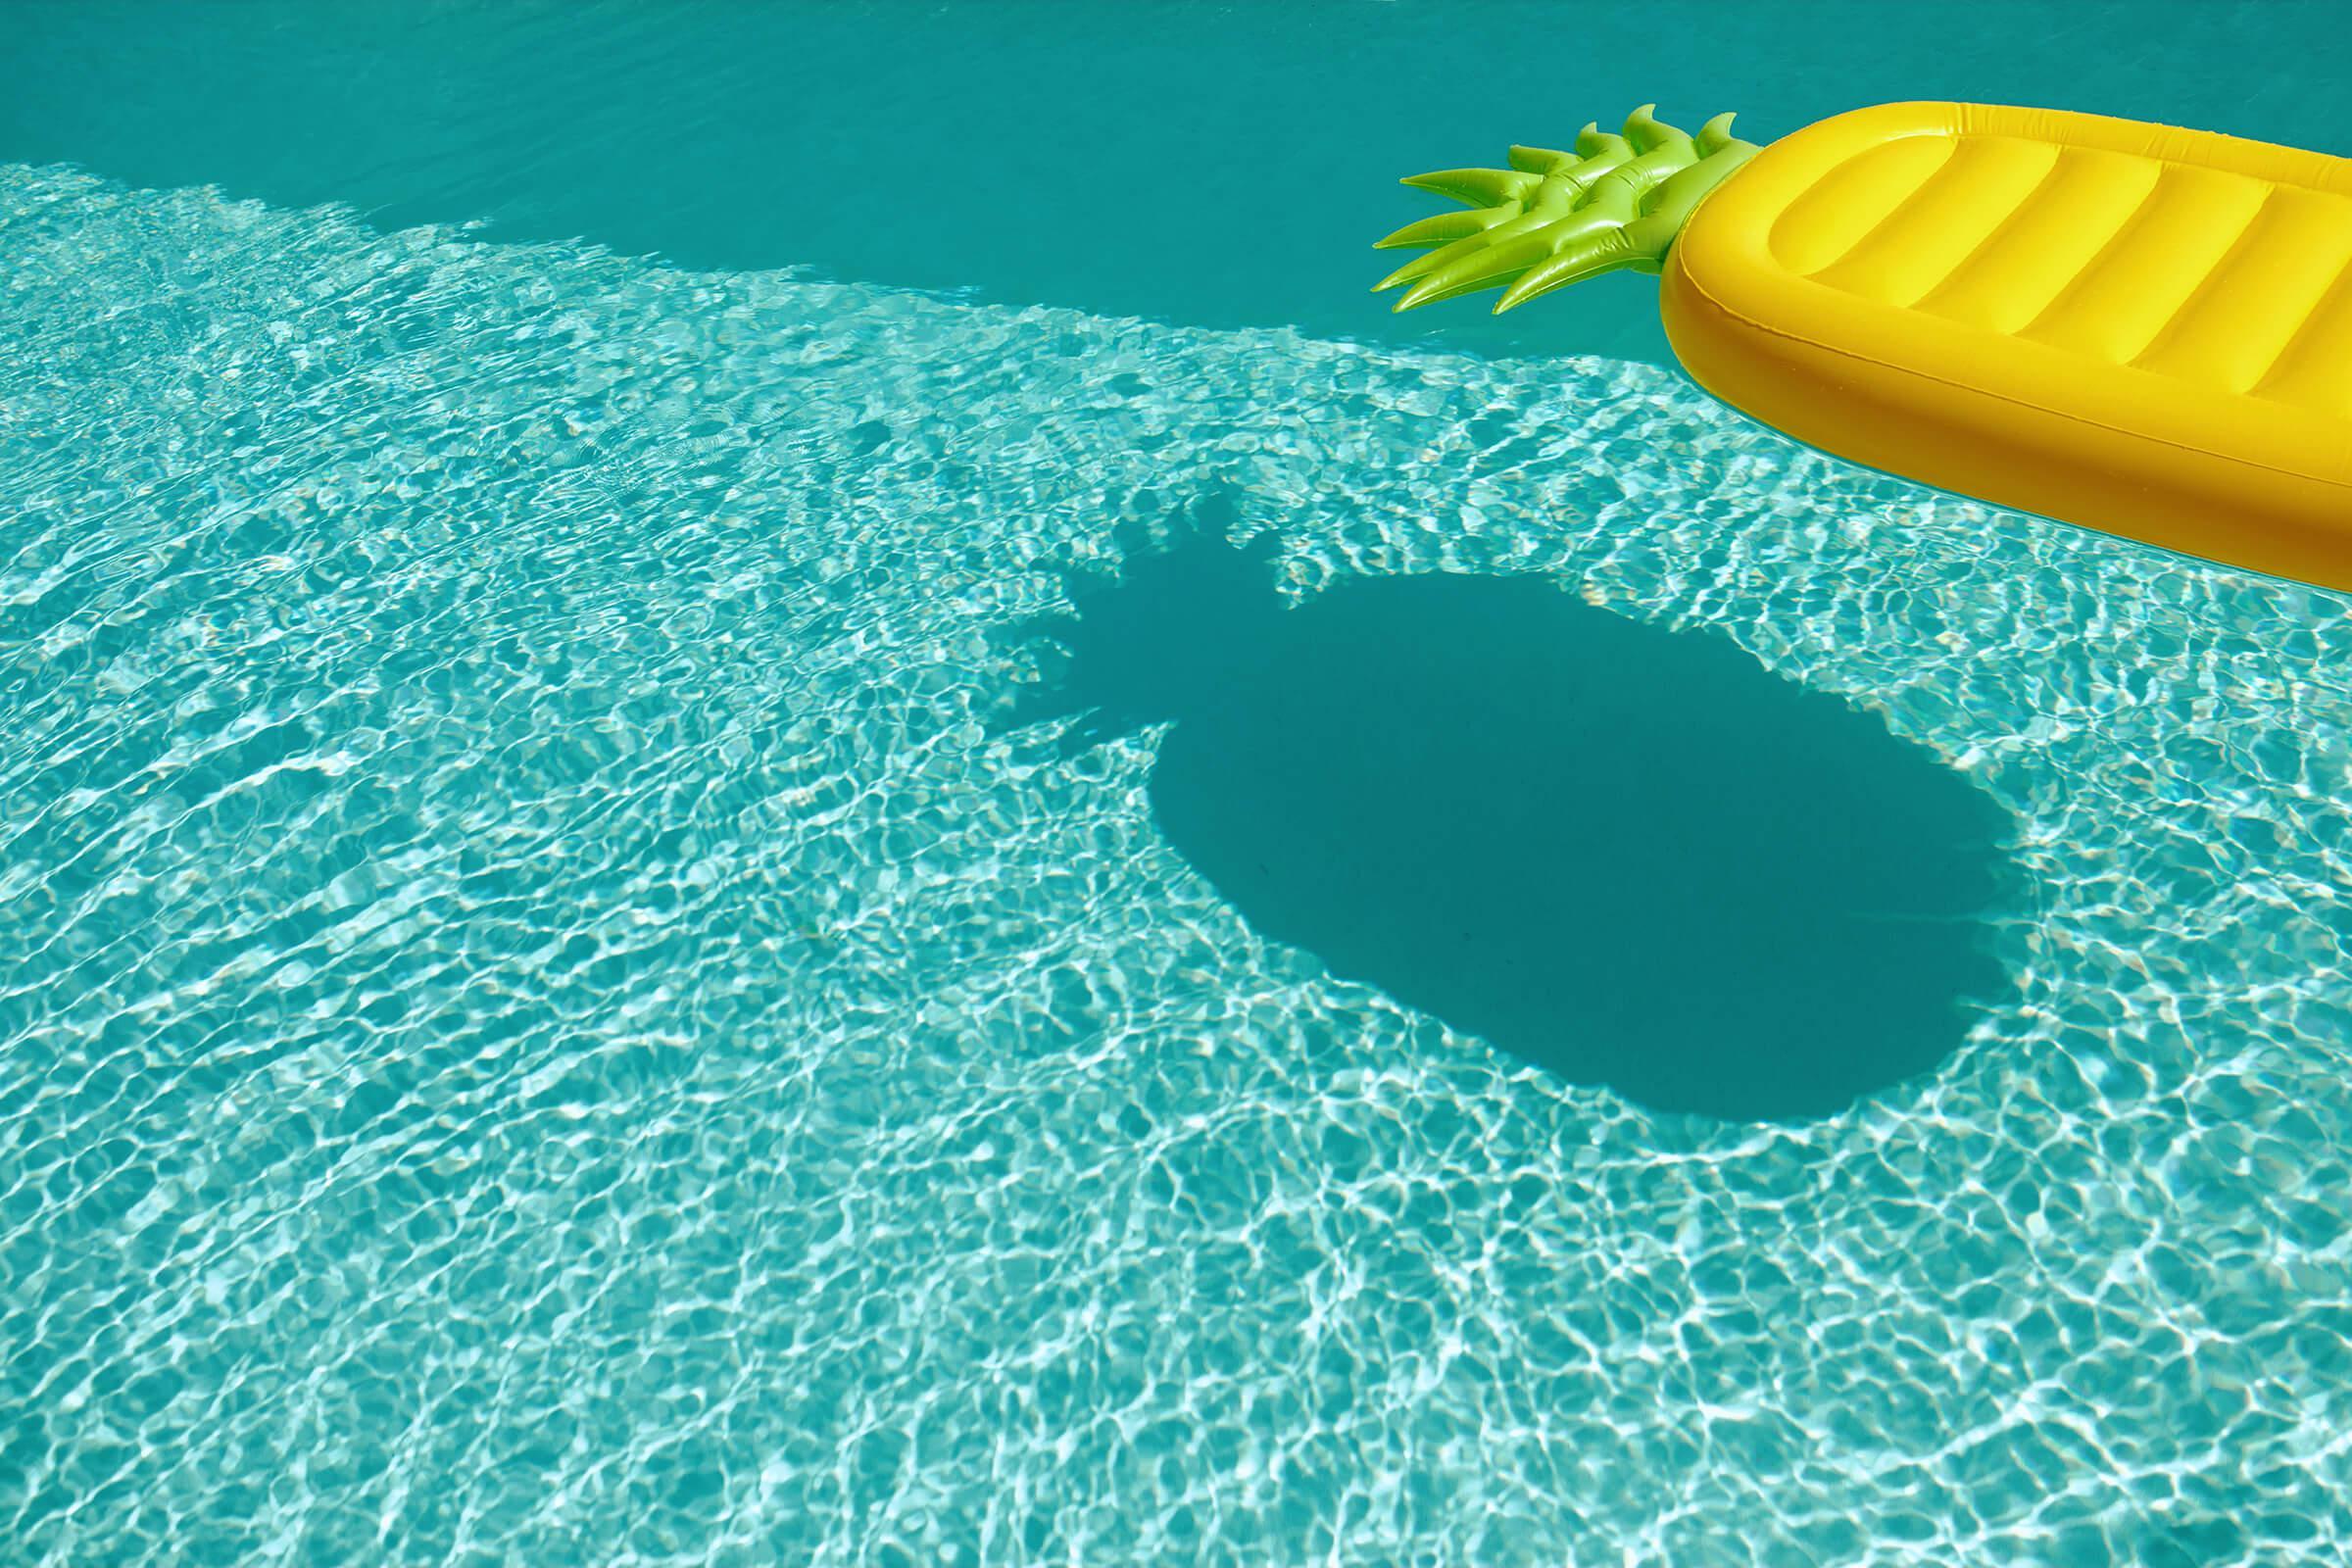 Pool Pineapple Float-1147771859.jpg